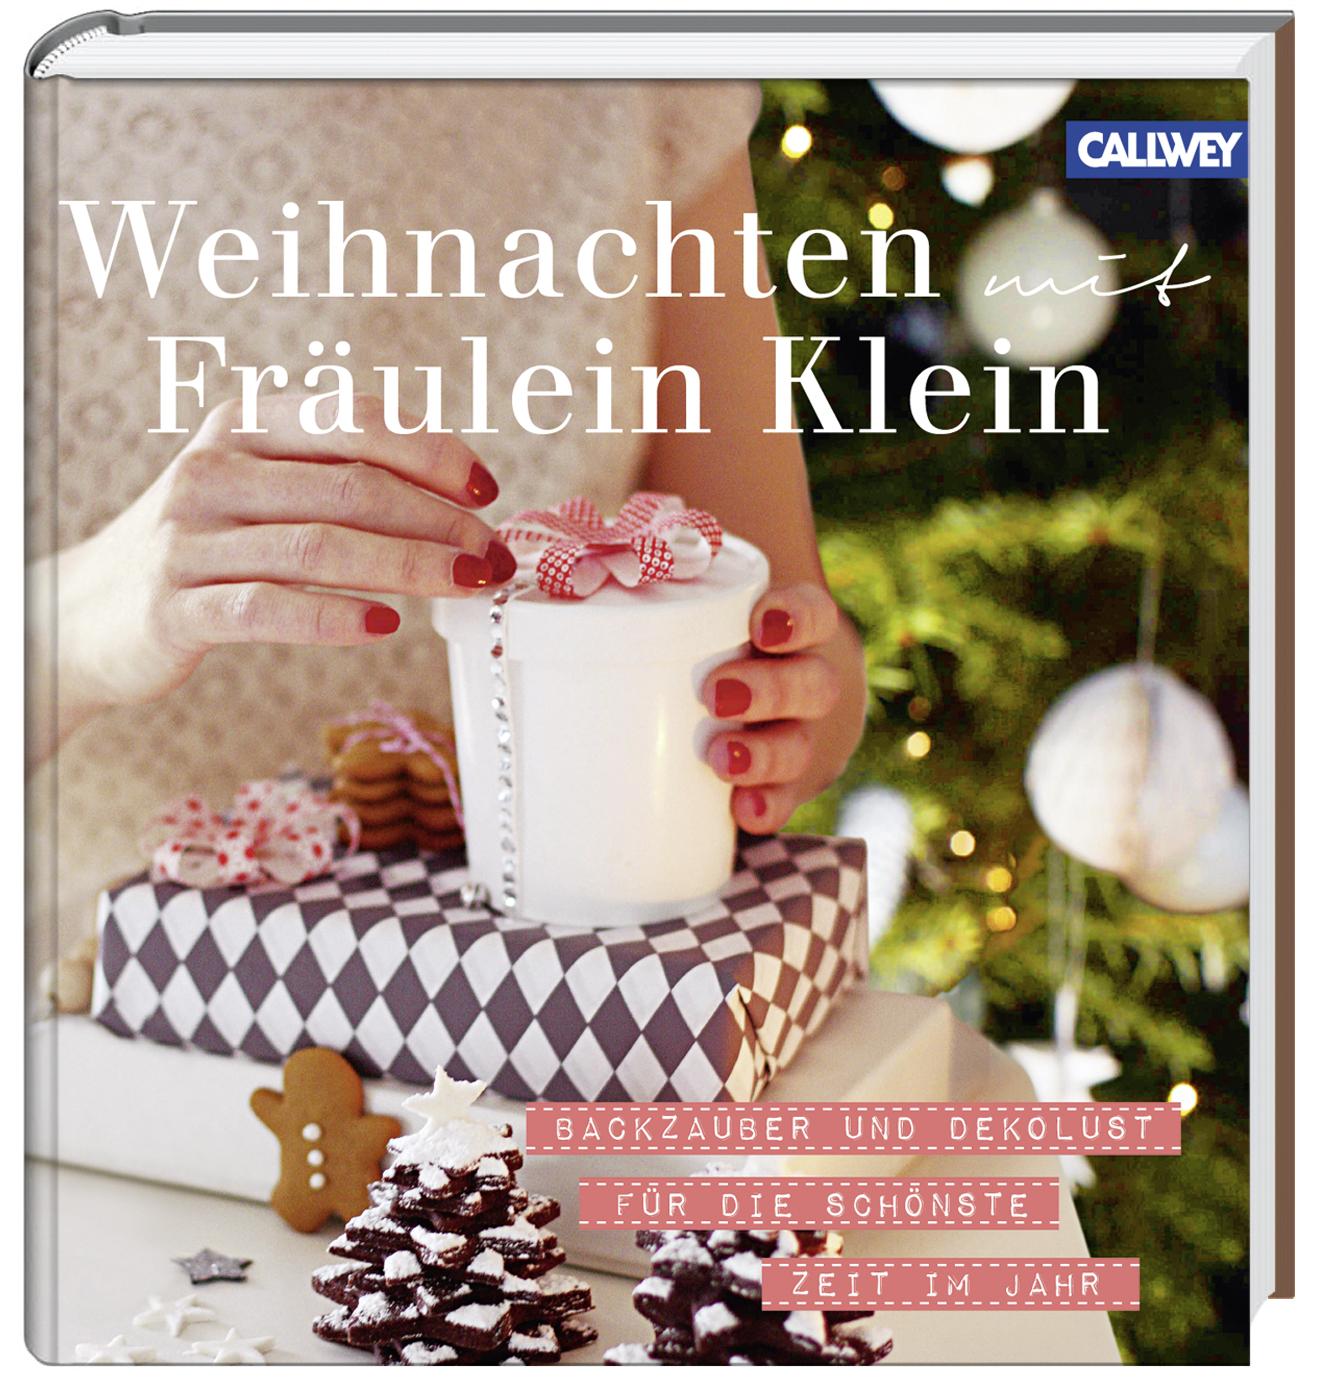 Weihnachten mit Fräulein Klein: Backzauber und Dekolust für die schönste Zeit im Jahr - Yvonne Bauer